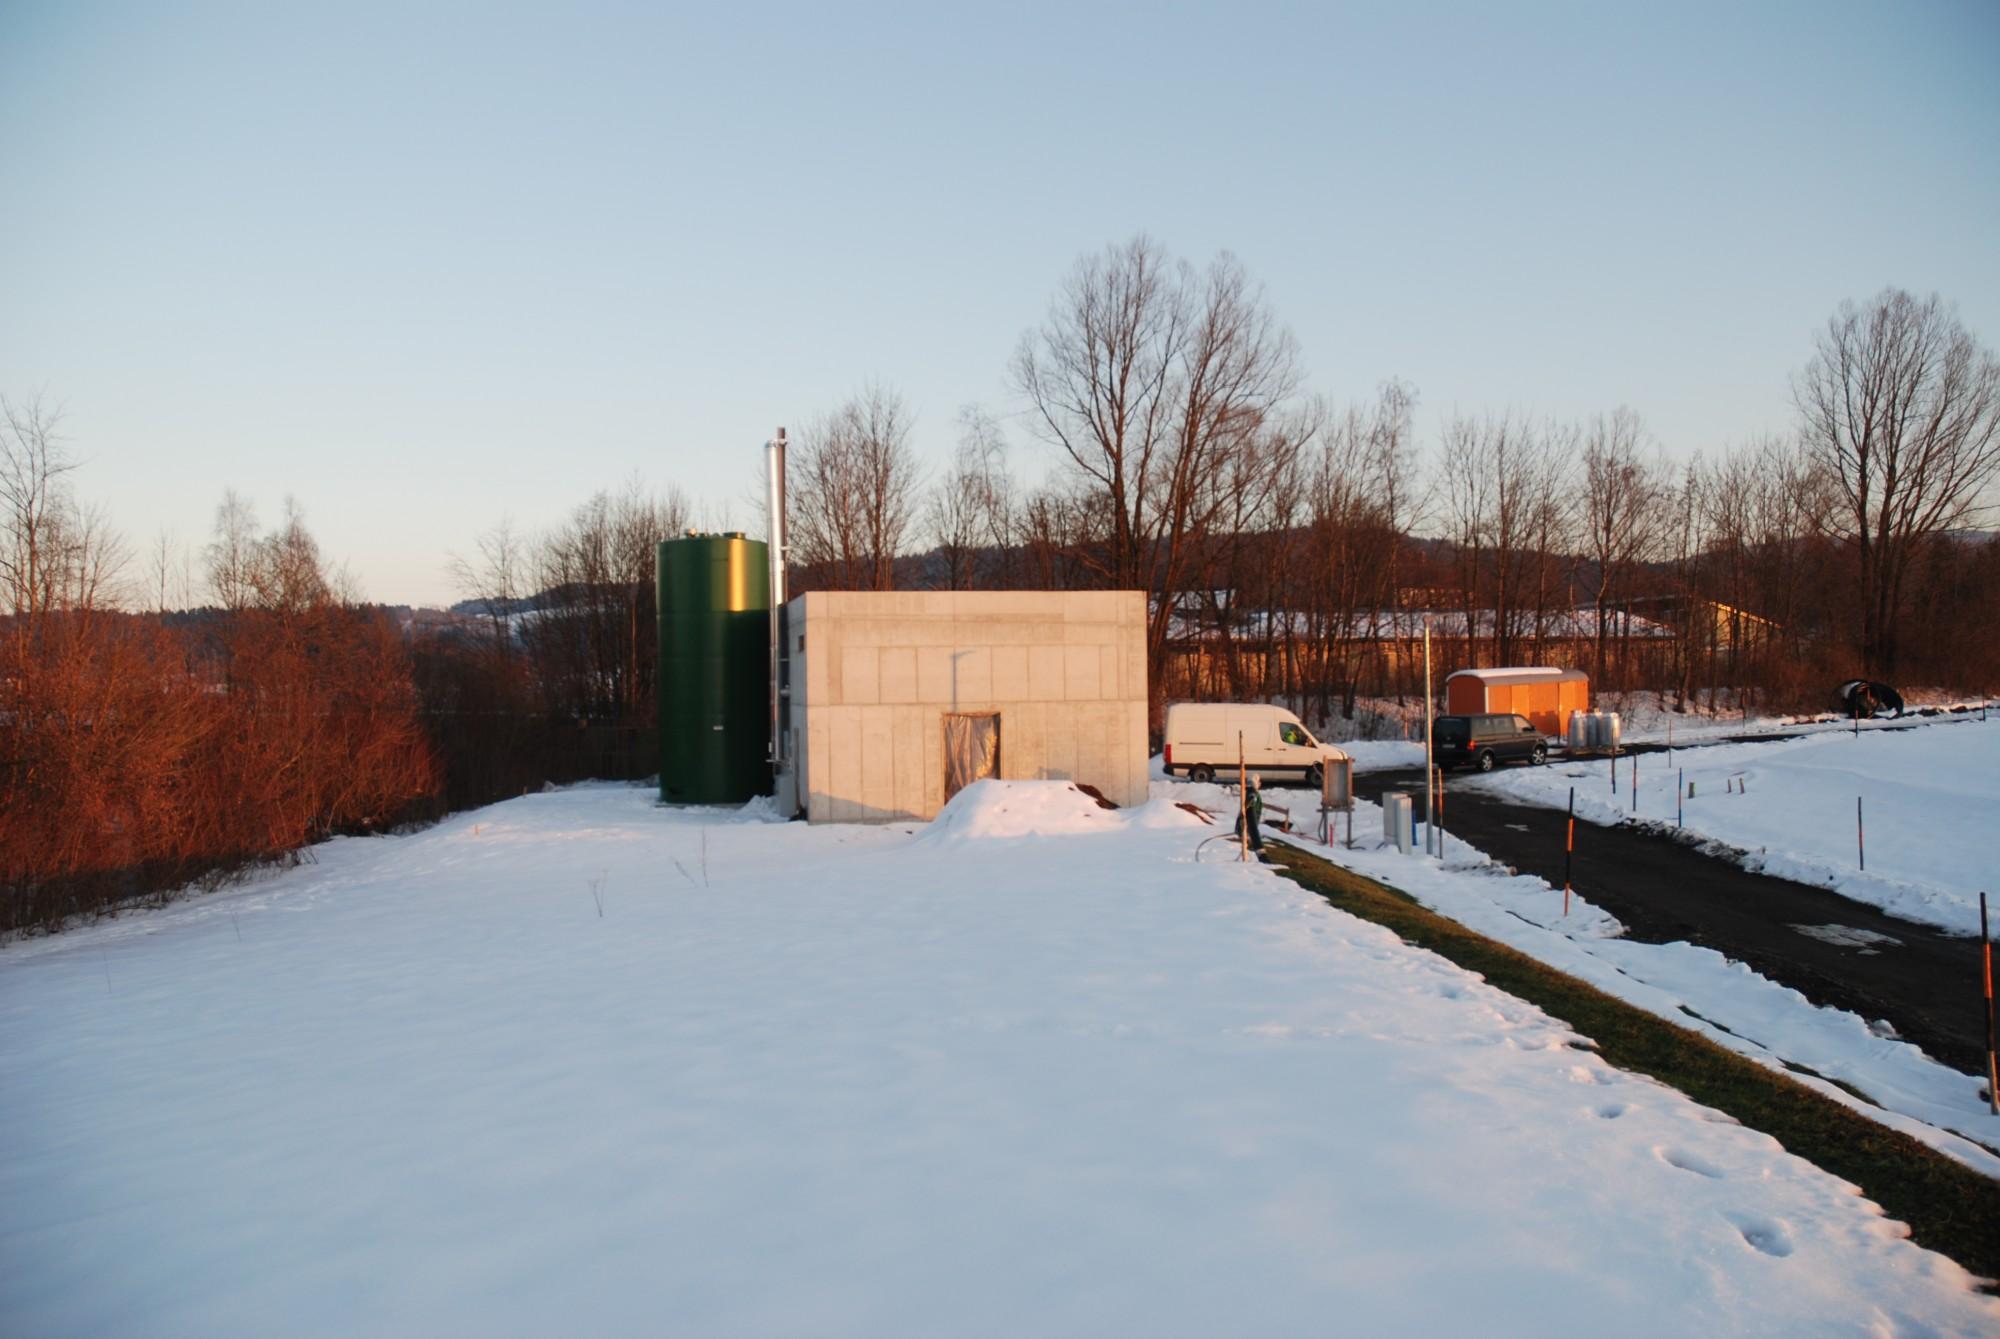 Das Bild zeigt den Rohbau des Heizwerkes und den Pelletsilo